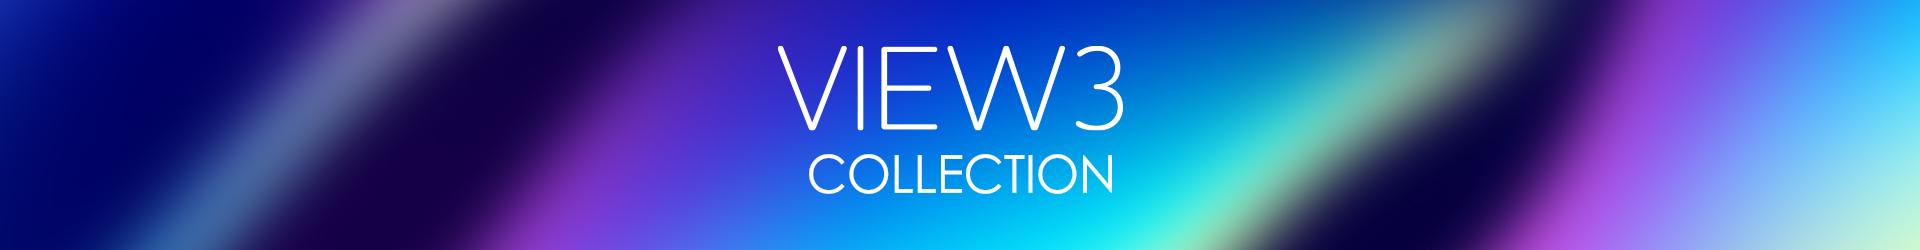 Accessori View3 Collection